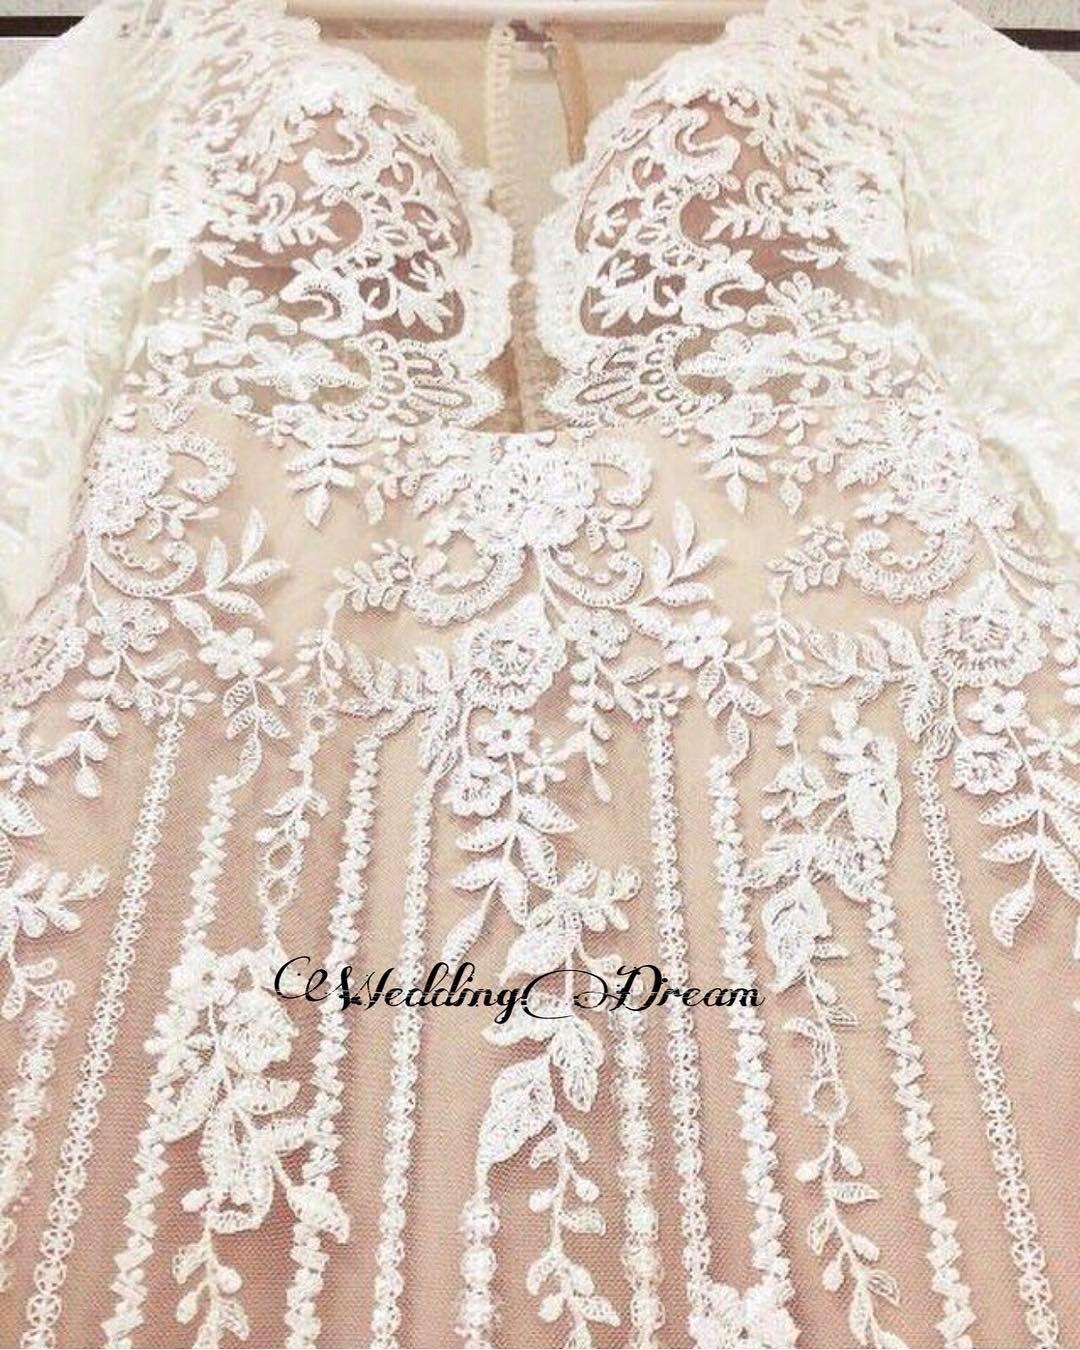 У нас большой выбор самых роскошных тканей для пошива платья твоей Мечты ❤️Горького,82����8918-953-9229 СКИДКА при покупке в день примерки ✅ #свадьбавкраснодаре #свадьбакраснодар #свадебноеплатьевкраснодаре #купитьсвадебноеплатьевкраснодаре #свадебныйсалонвкраснодаре #свадебныеплатьявкраснодаре #прокатсвадебныхплатьеввкраснодаре #свадьбакрд #свадебныеплатьякрд #свадебныйсалонкрд #свадебныйсалонвсочи #свадебныйсалонванапе #пошивсвадебныхплатьеввкраснодаре #свадебныеплатья…